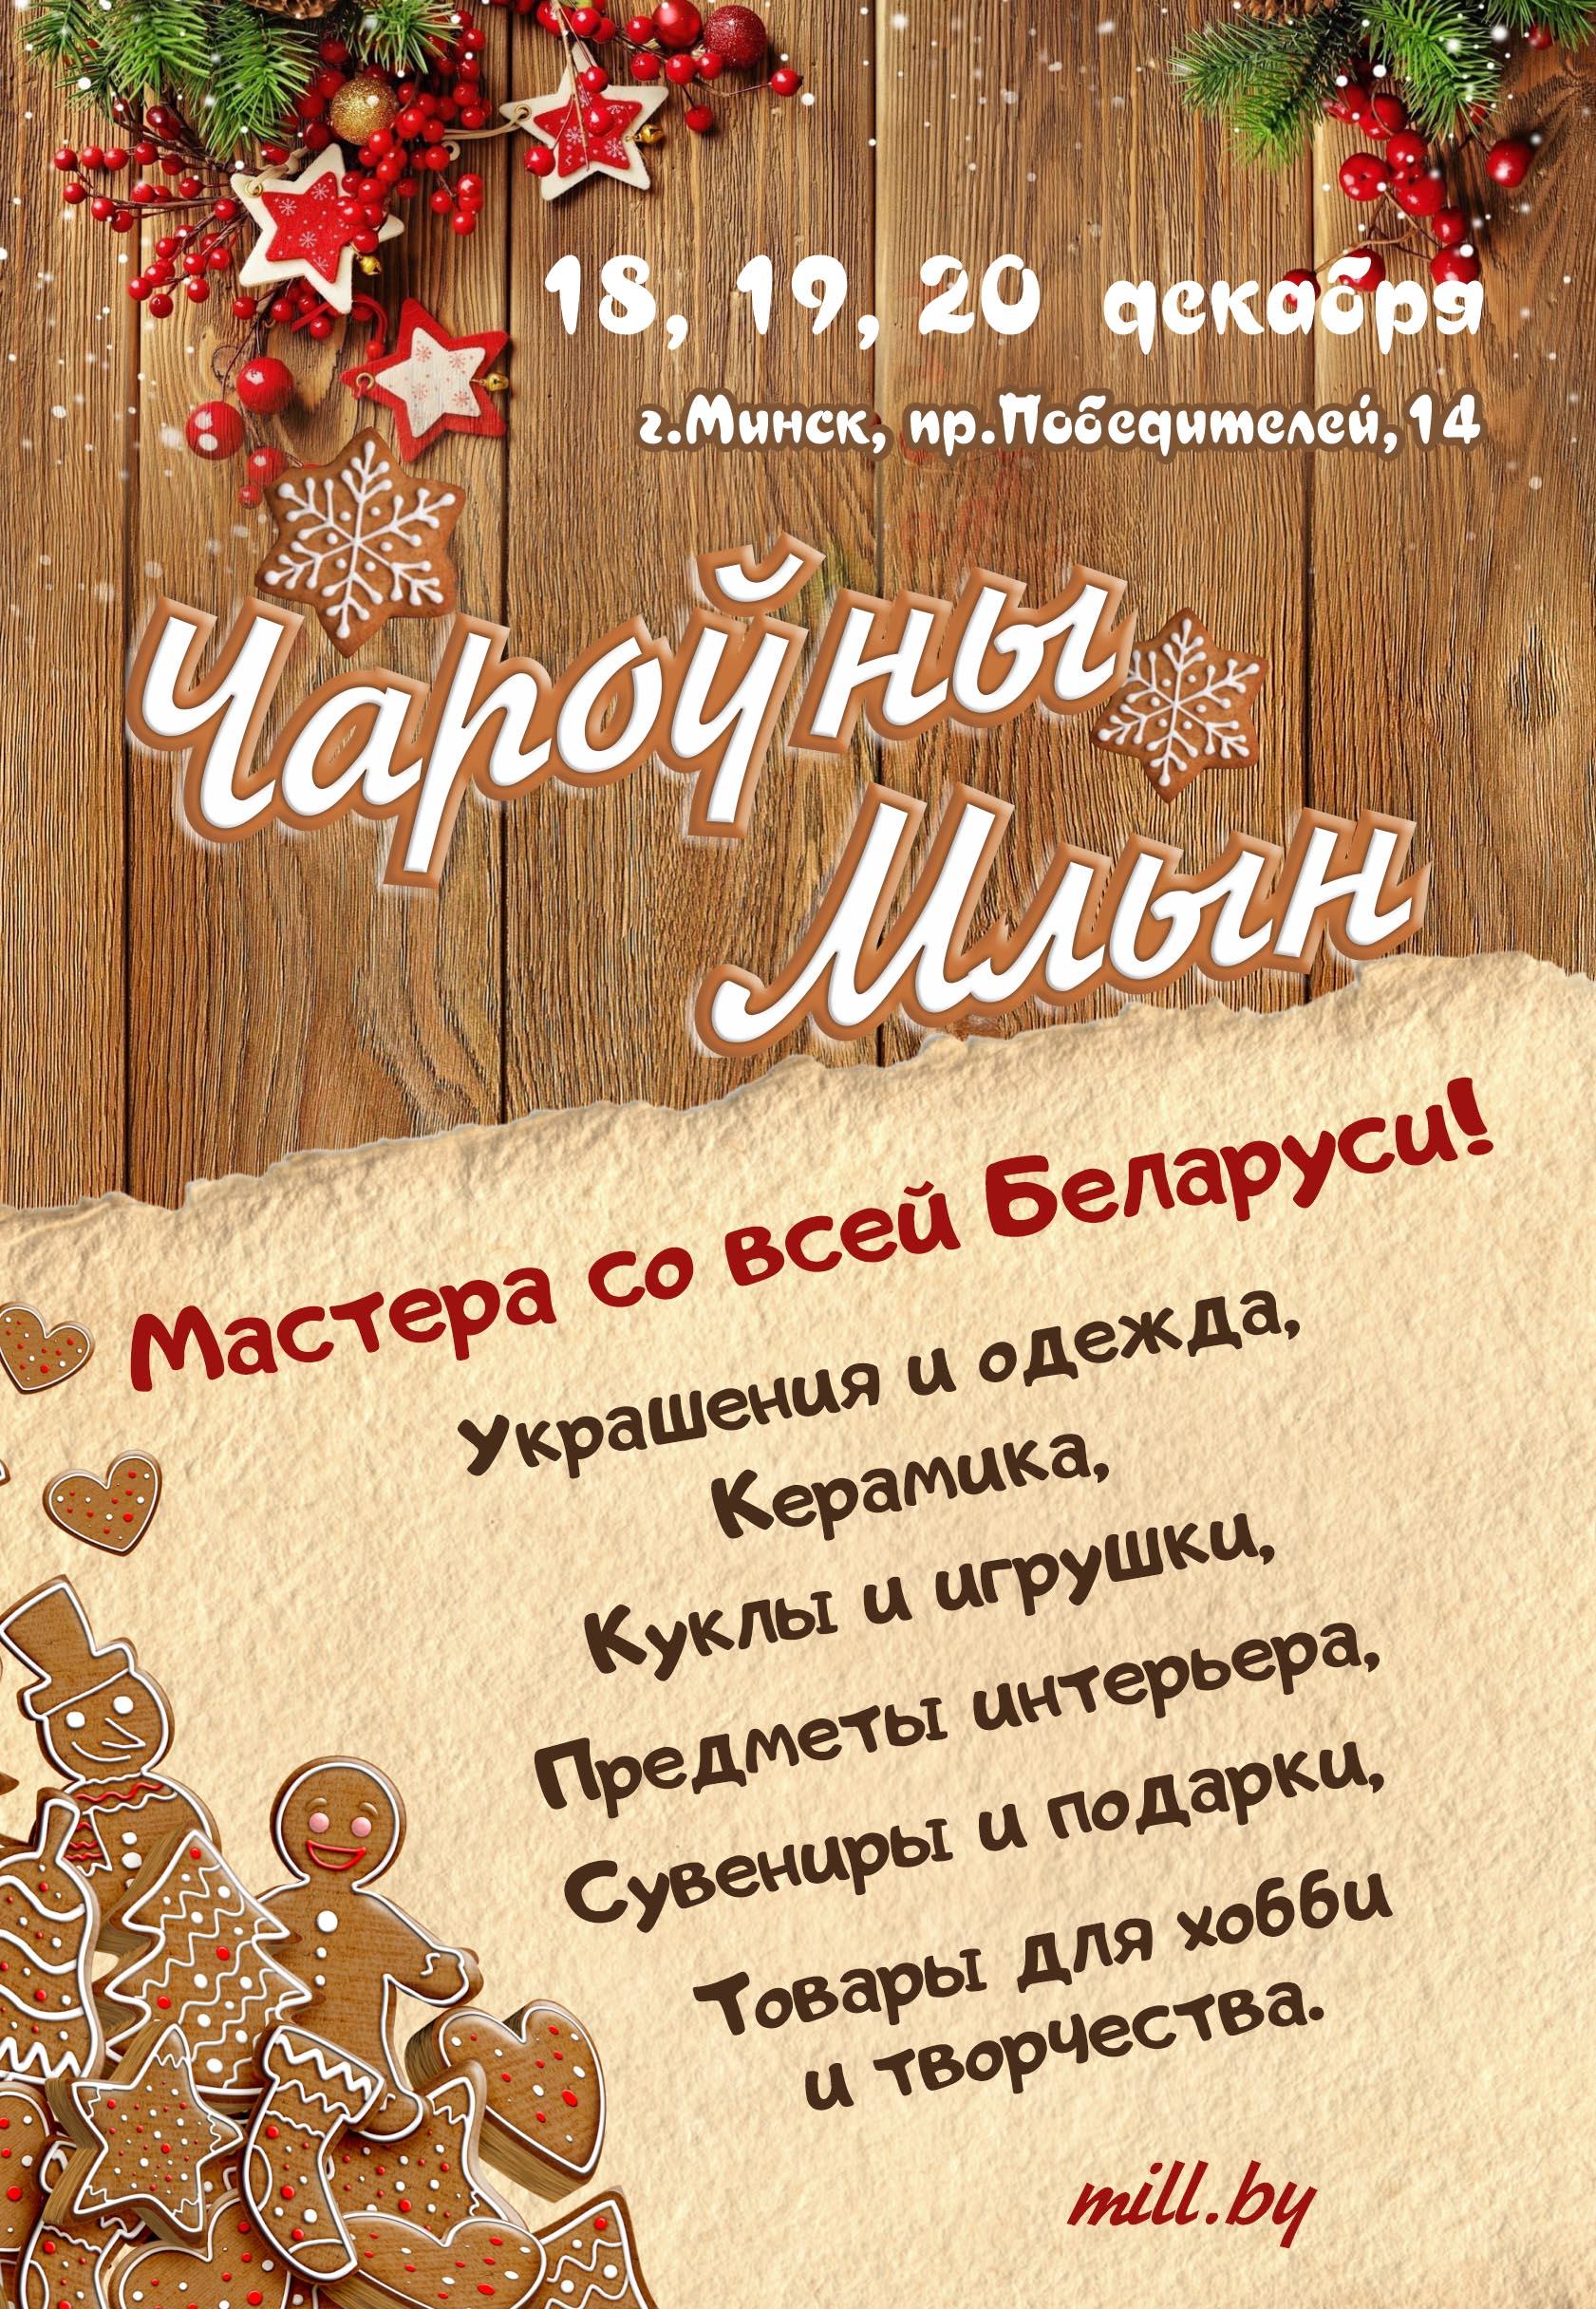 Дизайн новогодней афиши для выставки изделий ручной работы фото f_9555f8bcb8b91bc1.jpg